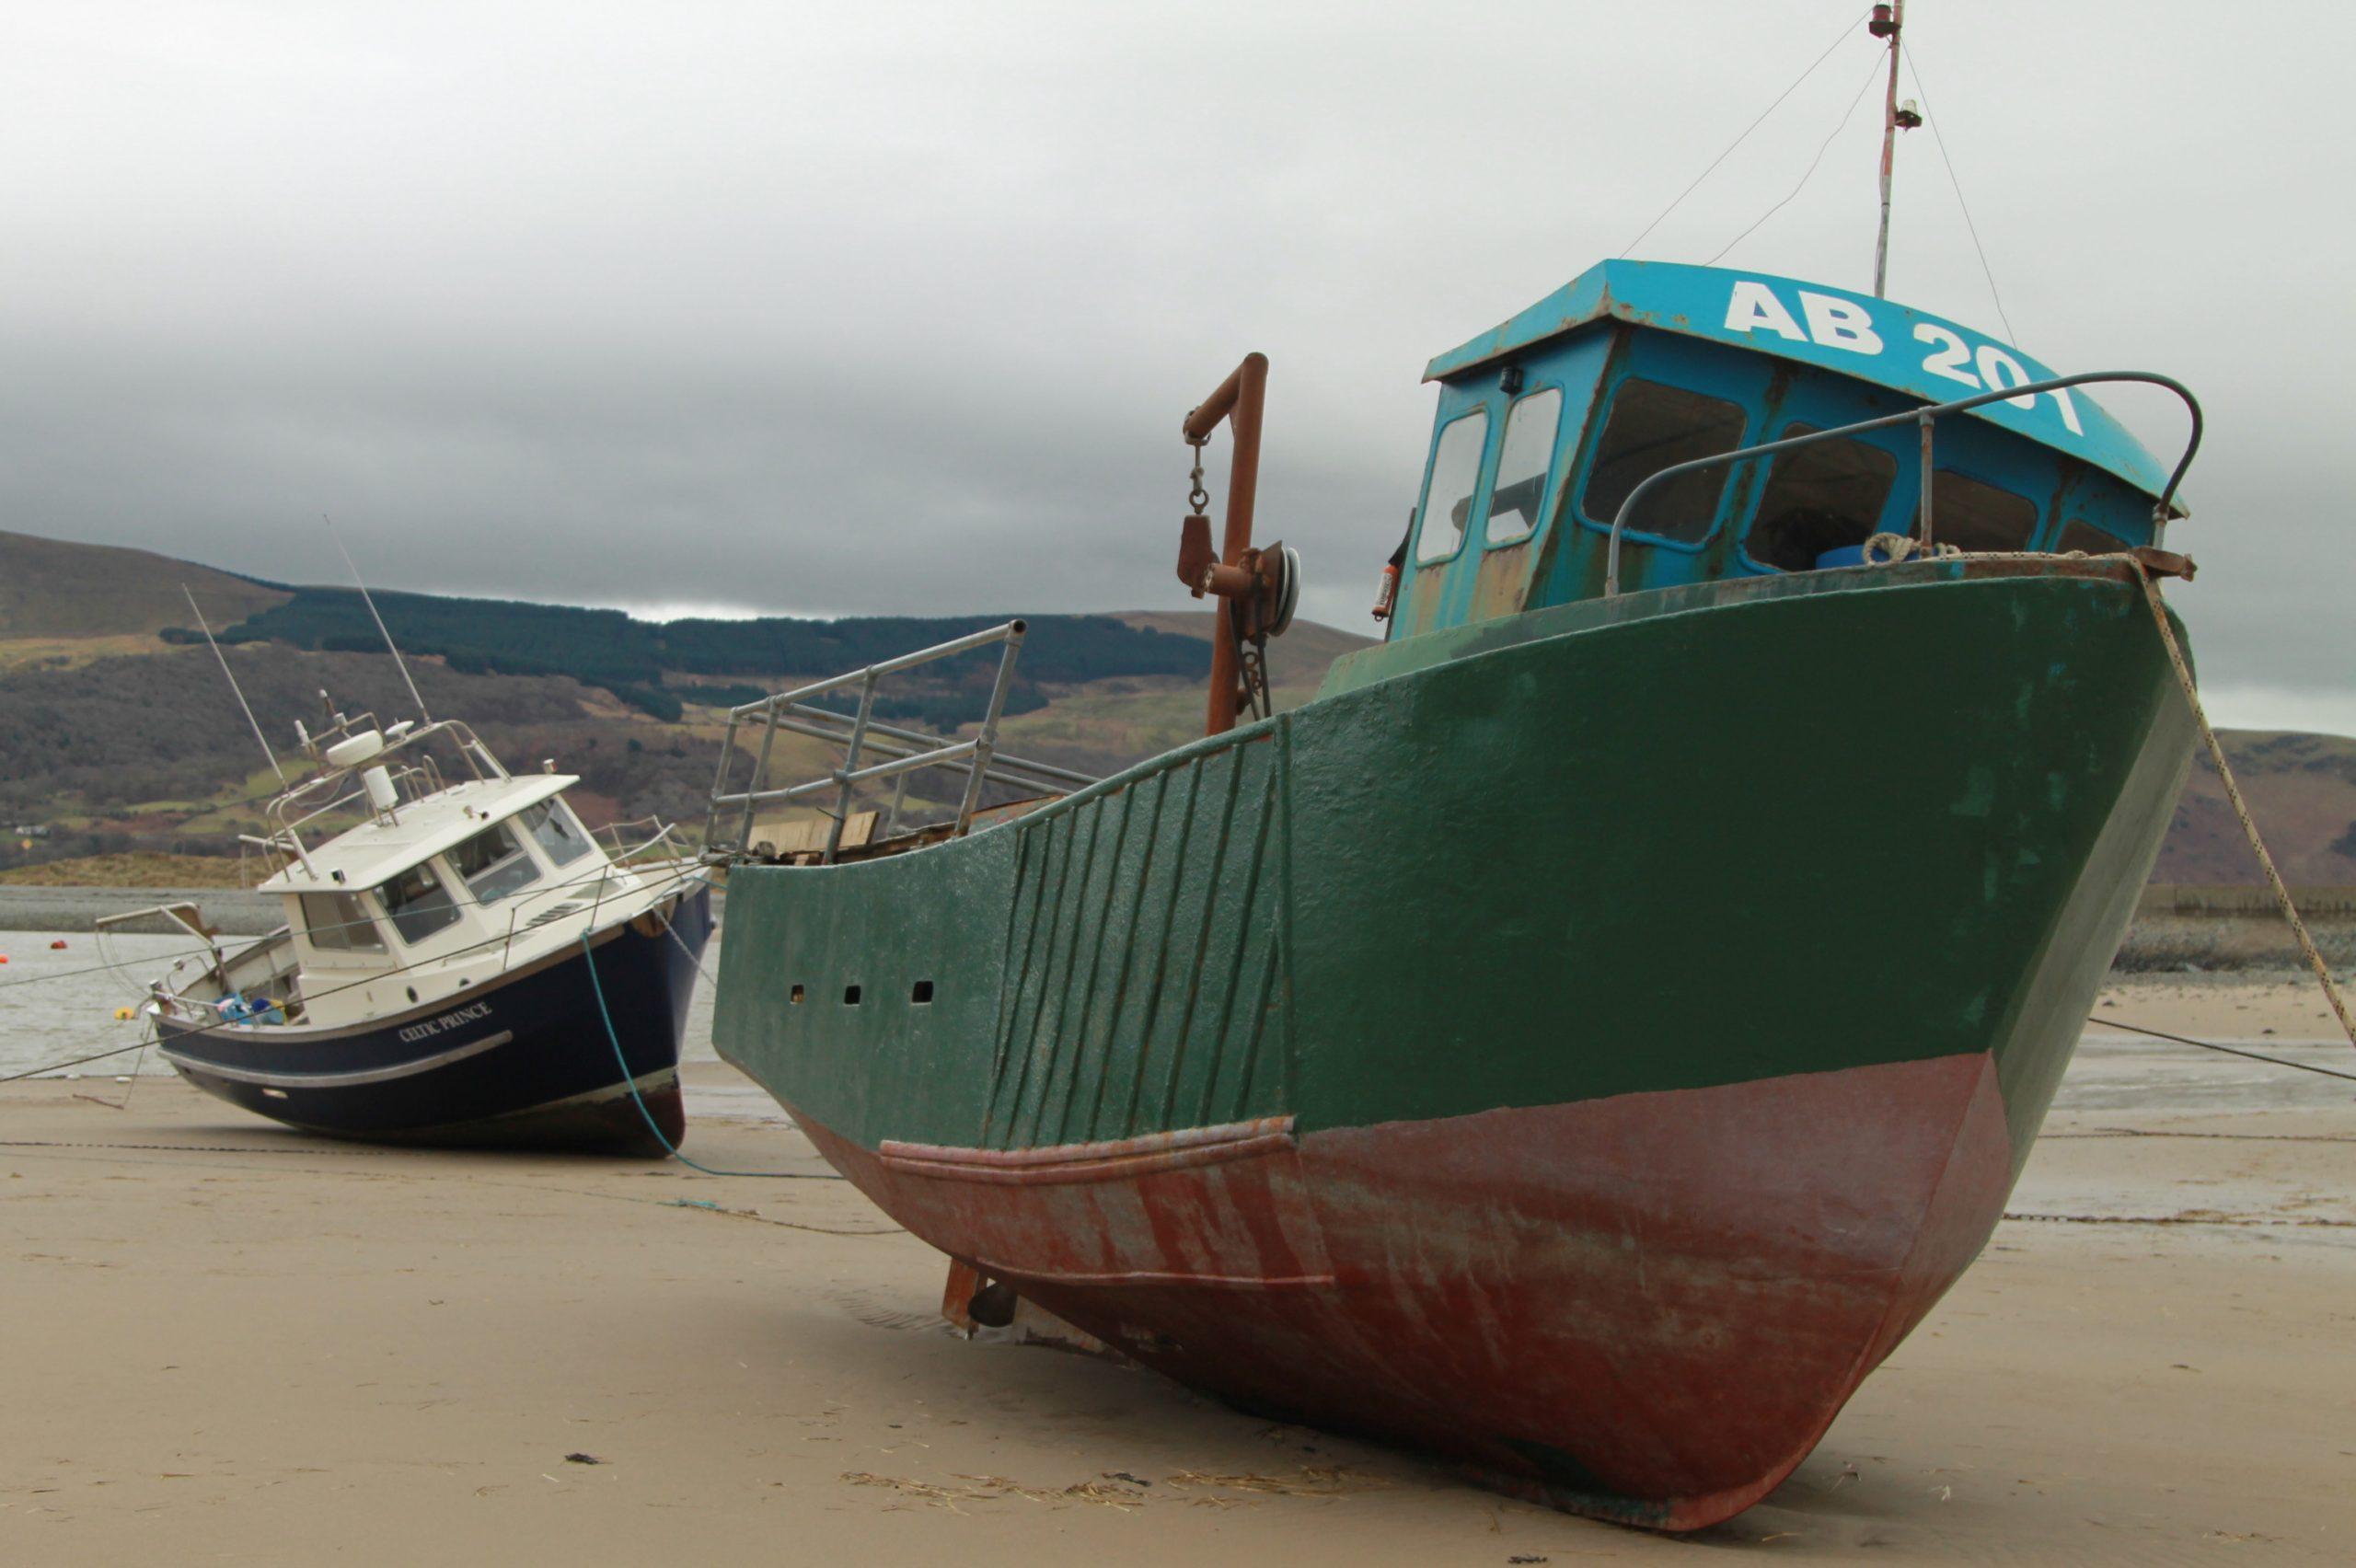 barco verde abandonado na margem da praia de barmouth no pais de gales